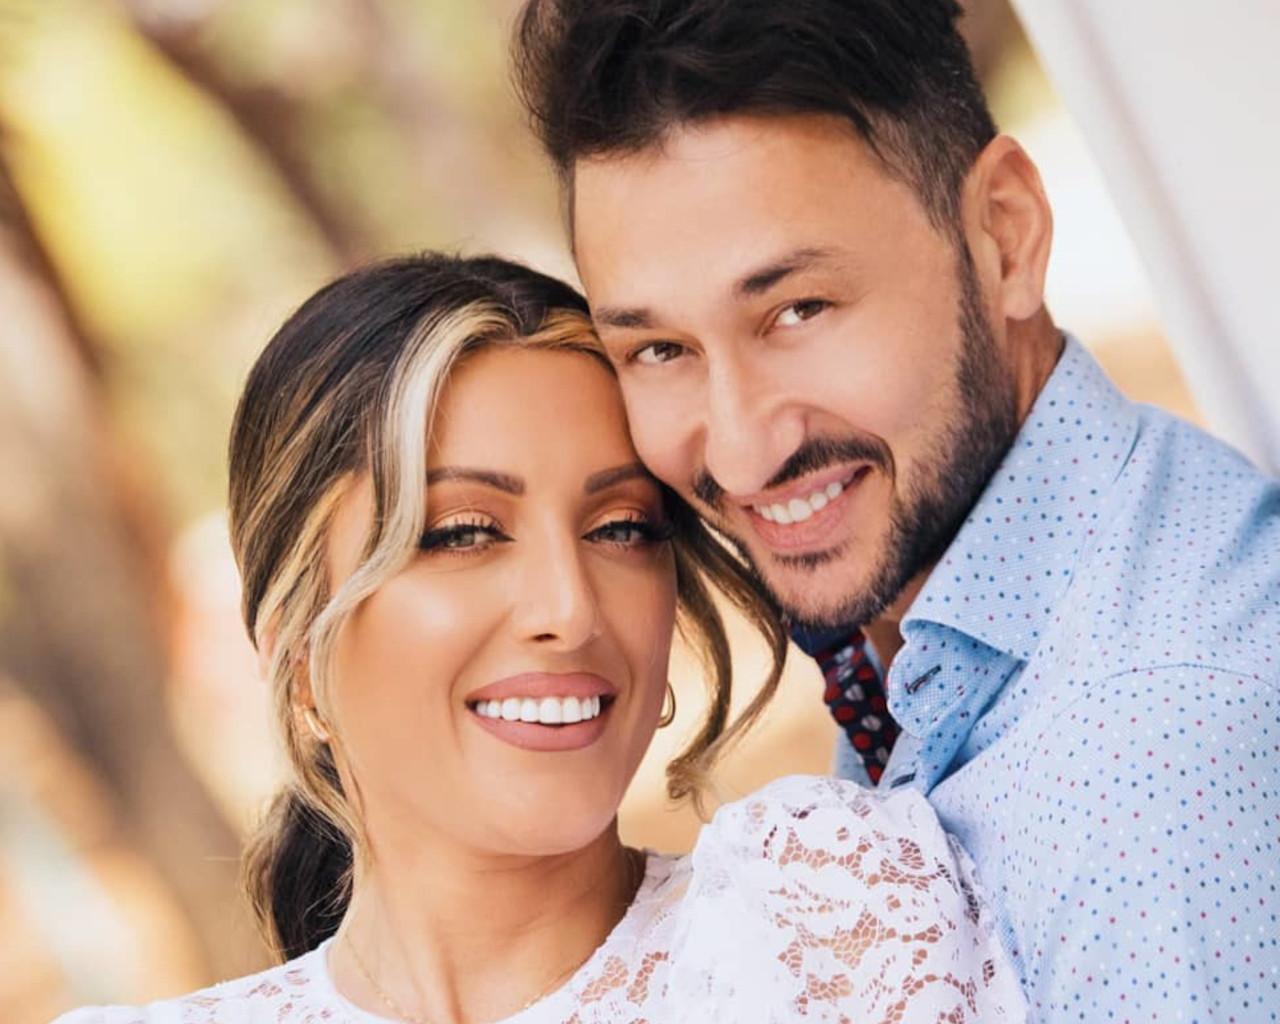 Πάνος Καλίδης: Αυτός είναι ο λόγος που δεν έχει κάνει πρόταση γάμου στη γυναίκα του, Λεάννα